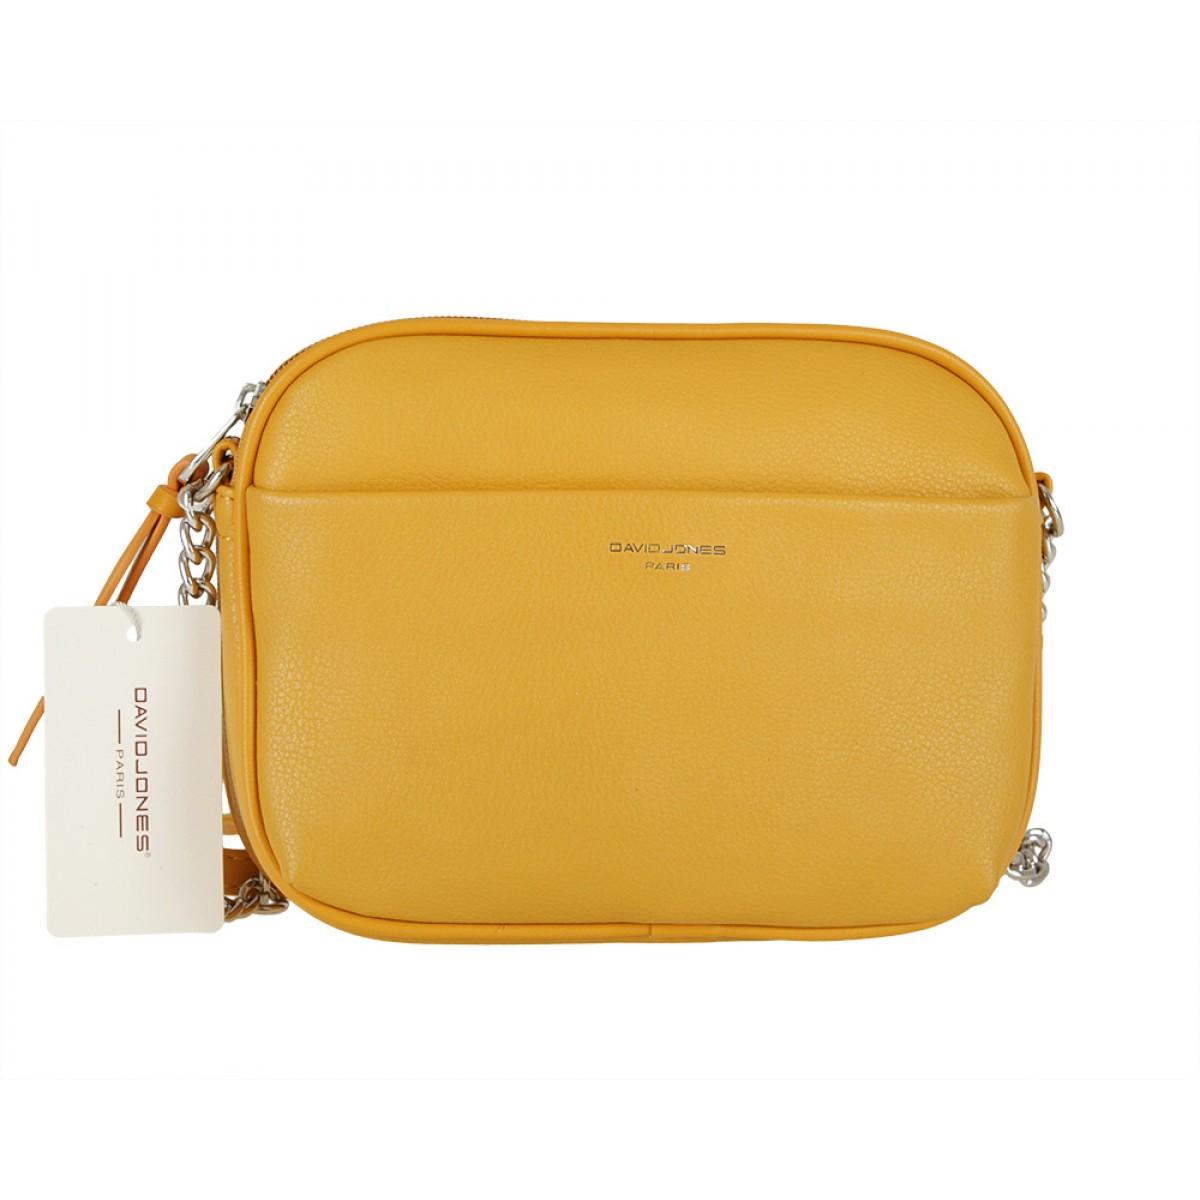 Жіноча сумка David Jones 6129-1 YELLOW